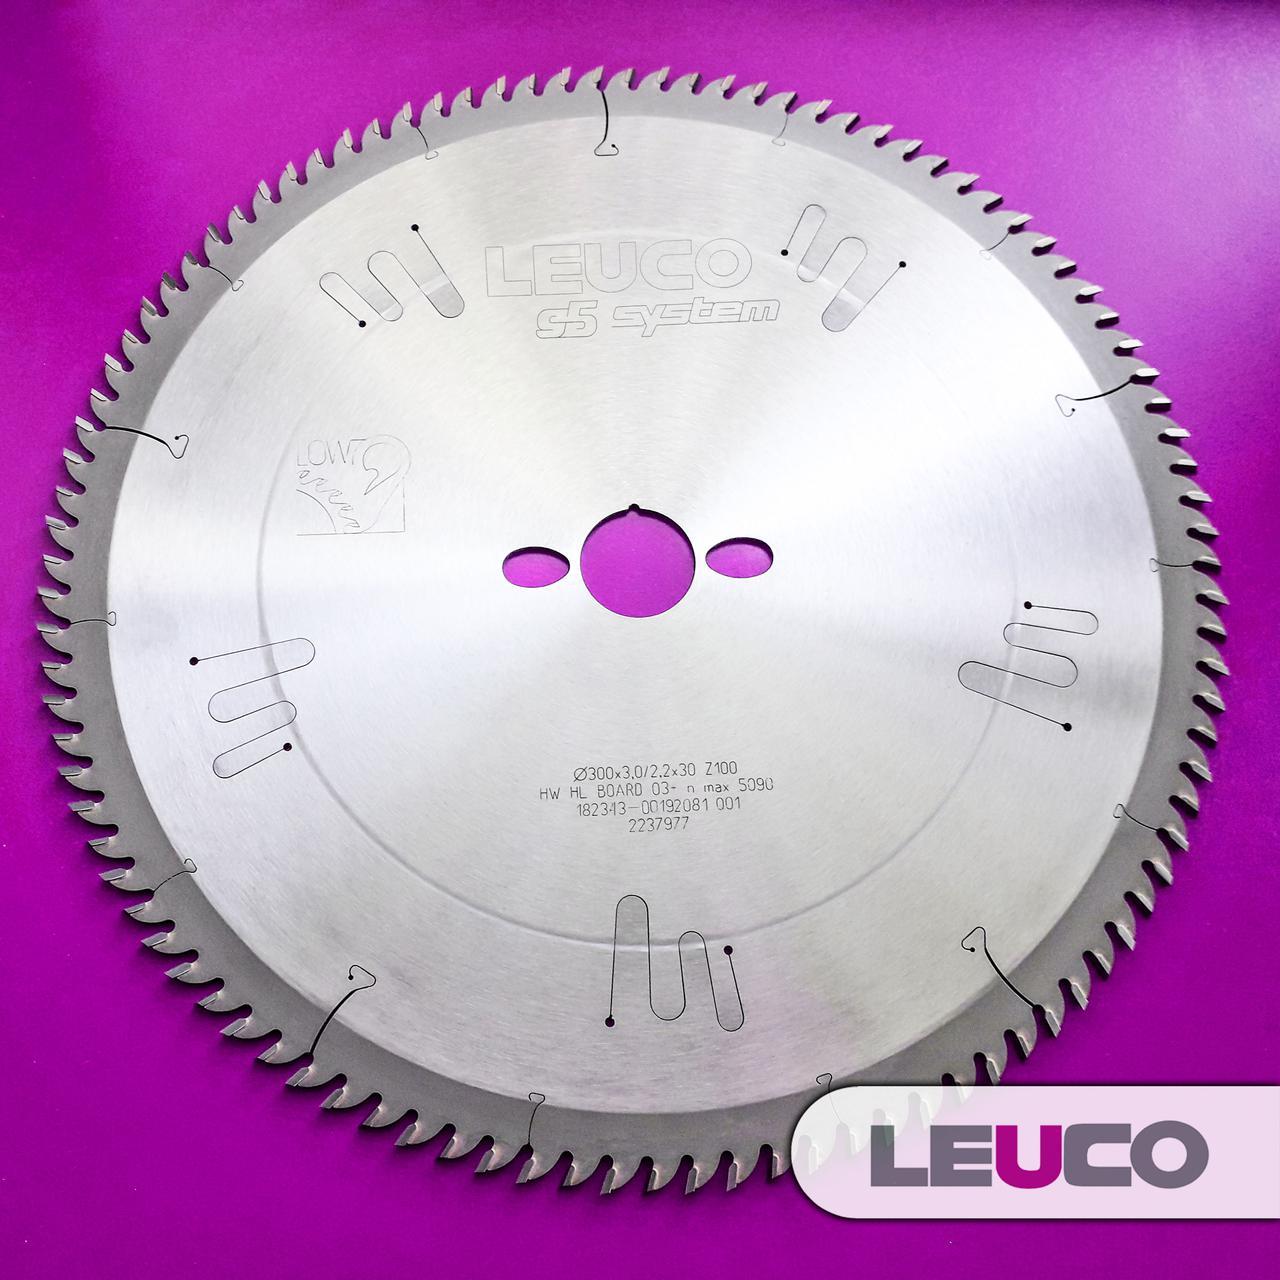 300х3,0х2,2х30 z=100 Дисковая пила для Leuco (для идеально чистого реза)